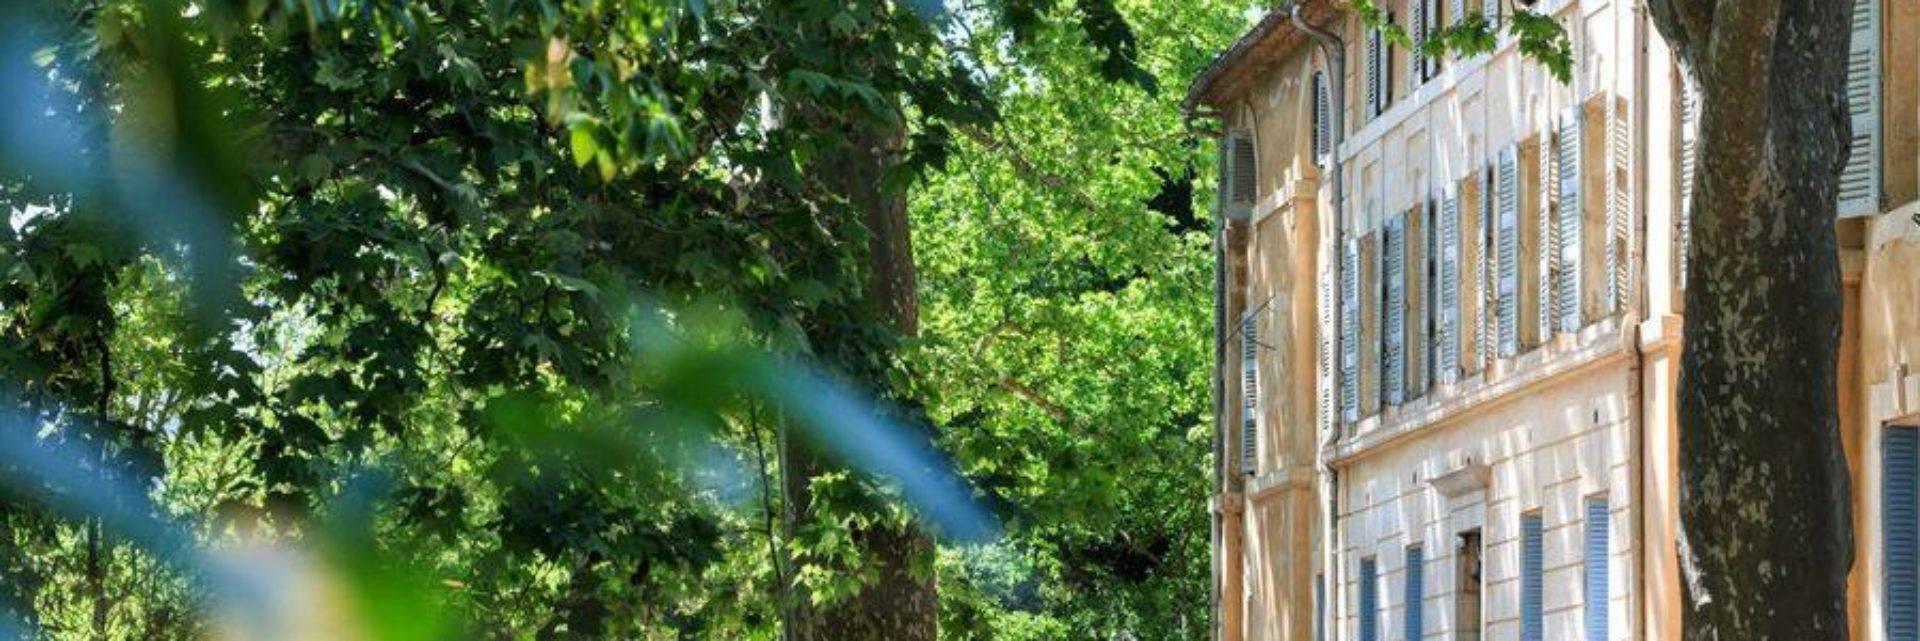 Chateau de Saint-Martin à Taradeau - Domaine viticole et chambre d'hôtes